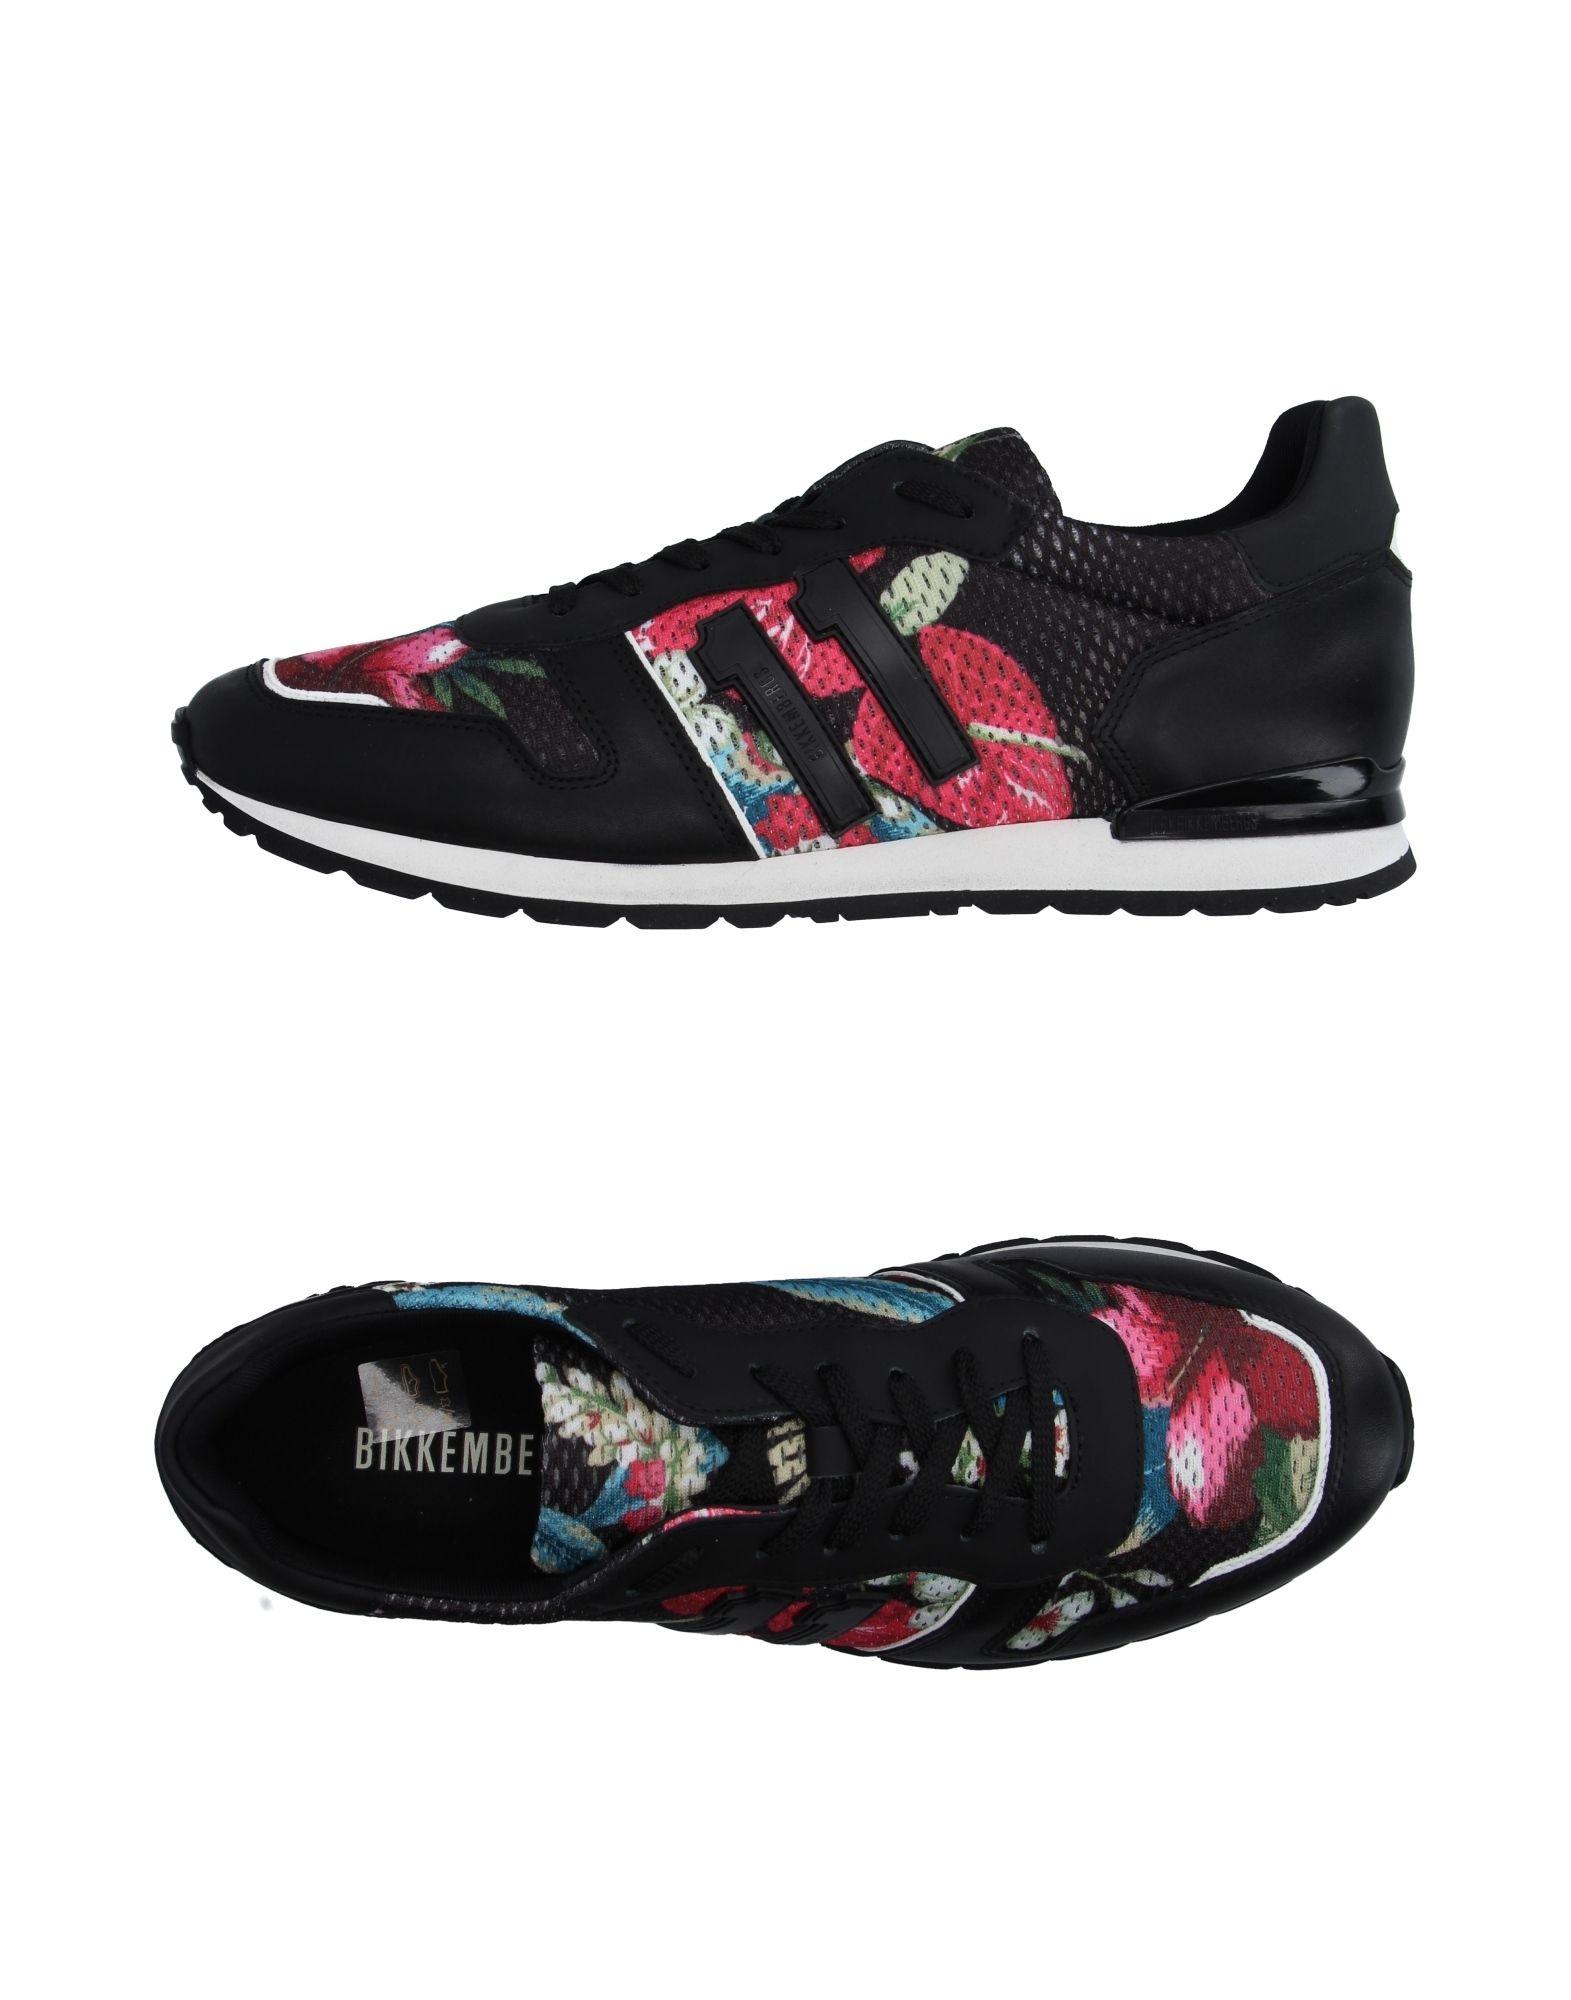 Bikkembergs Sneakers - Men Bikkembergs United Sneakers online on  United Bikkembergs Kingdom - 11141722PS 367aa5